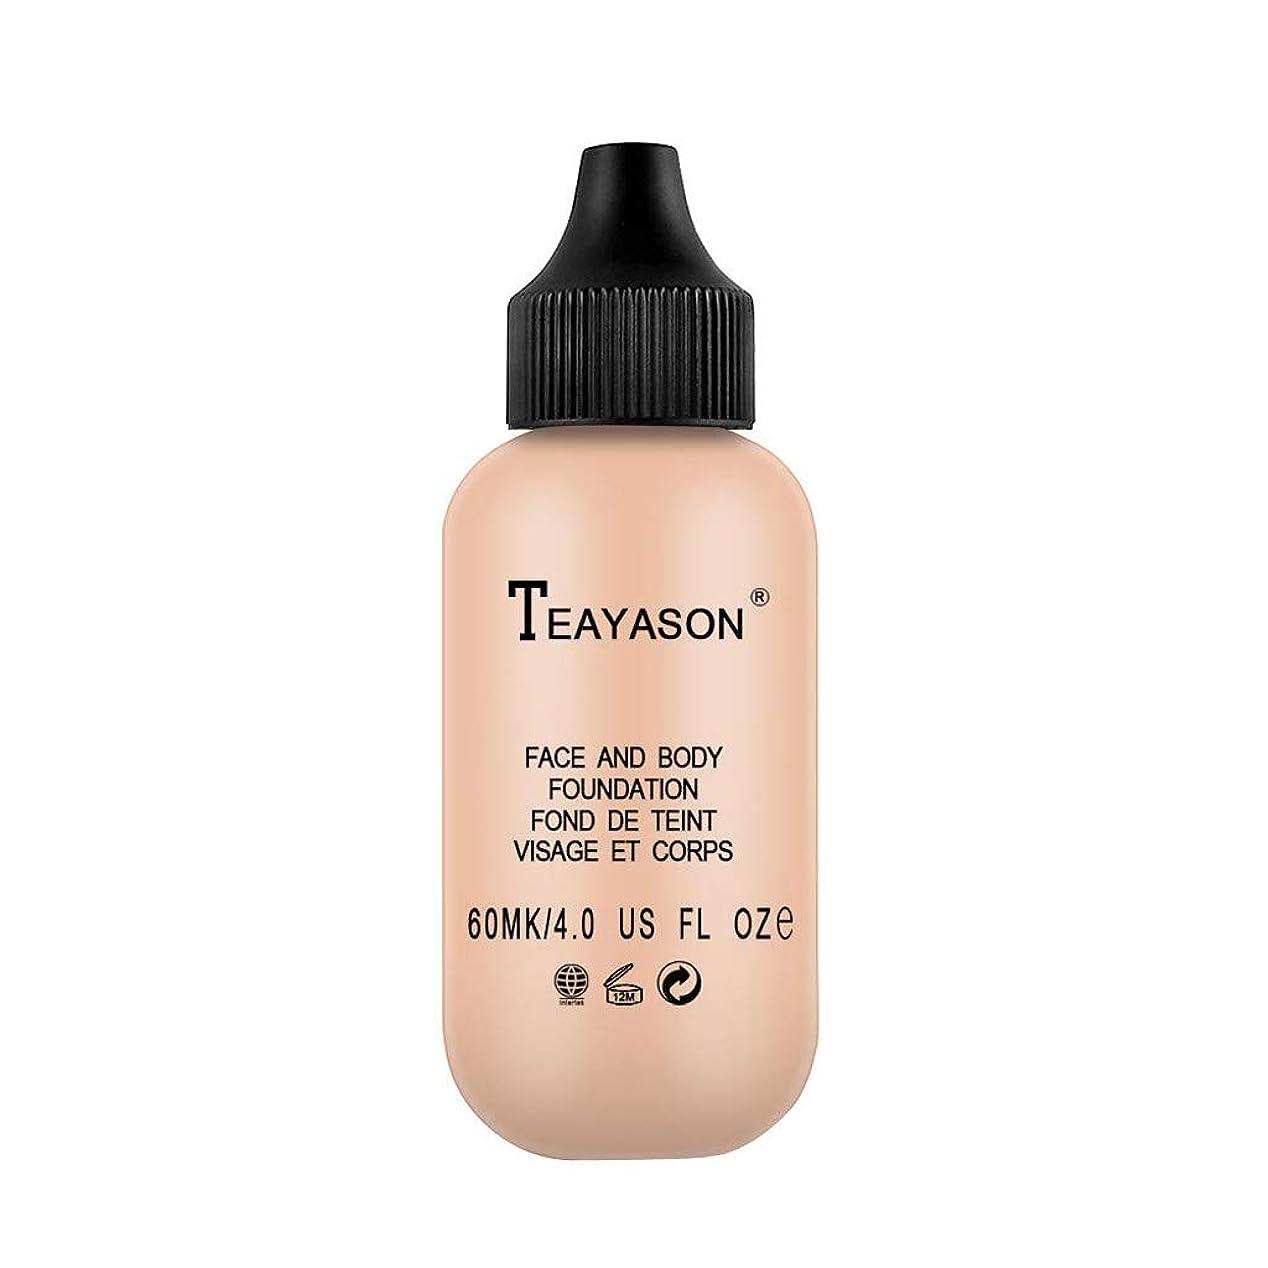 に関してアクセシブルタイピストコンシーラー ホワイトニング UV対策 日焼け止め SPF50+ つや消し しつこい オイルコントロール ニキビ跡 傷跡 コンシーラー 傷 顔 上質 滑らかな風合い 繊細な化粧 自然に見える 日陰 ハイライト 隠し ベース